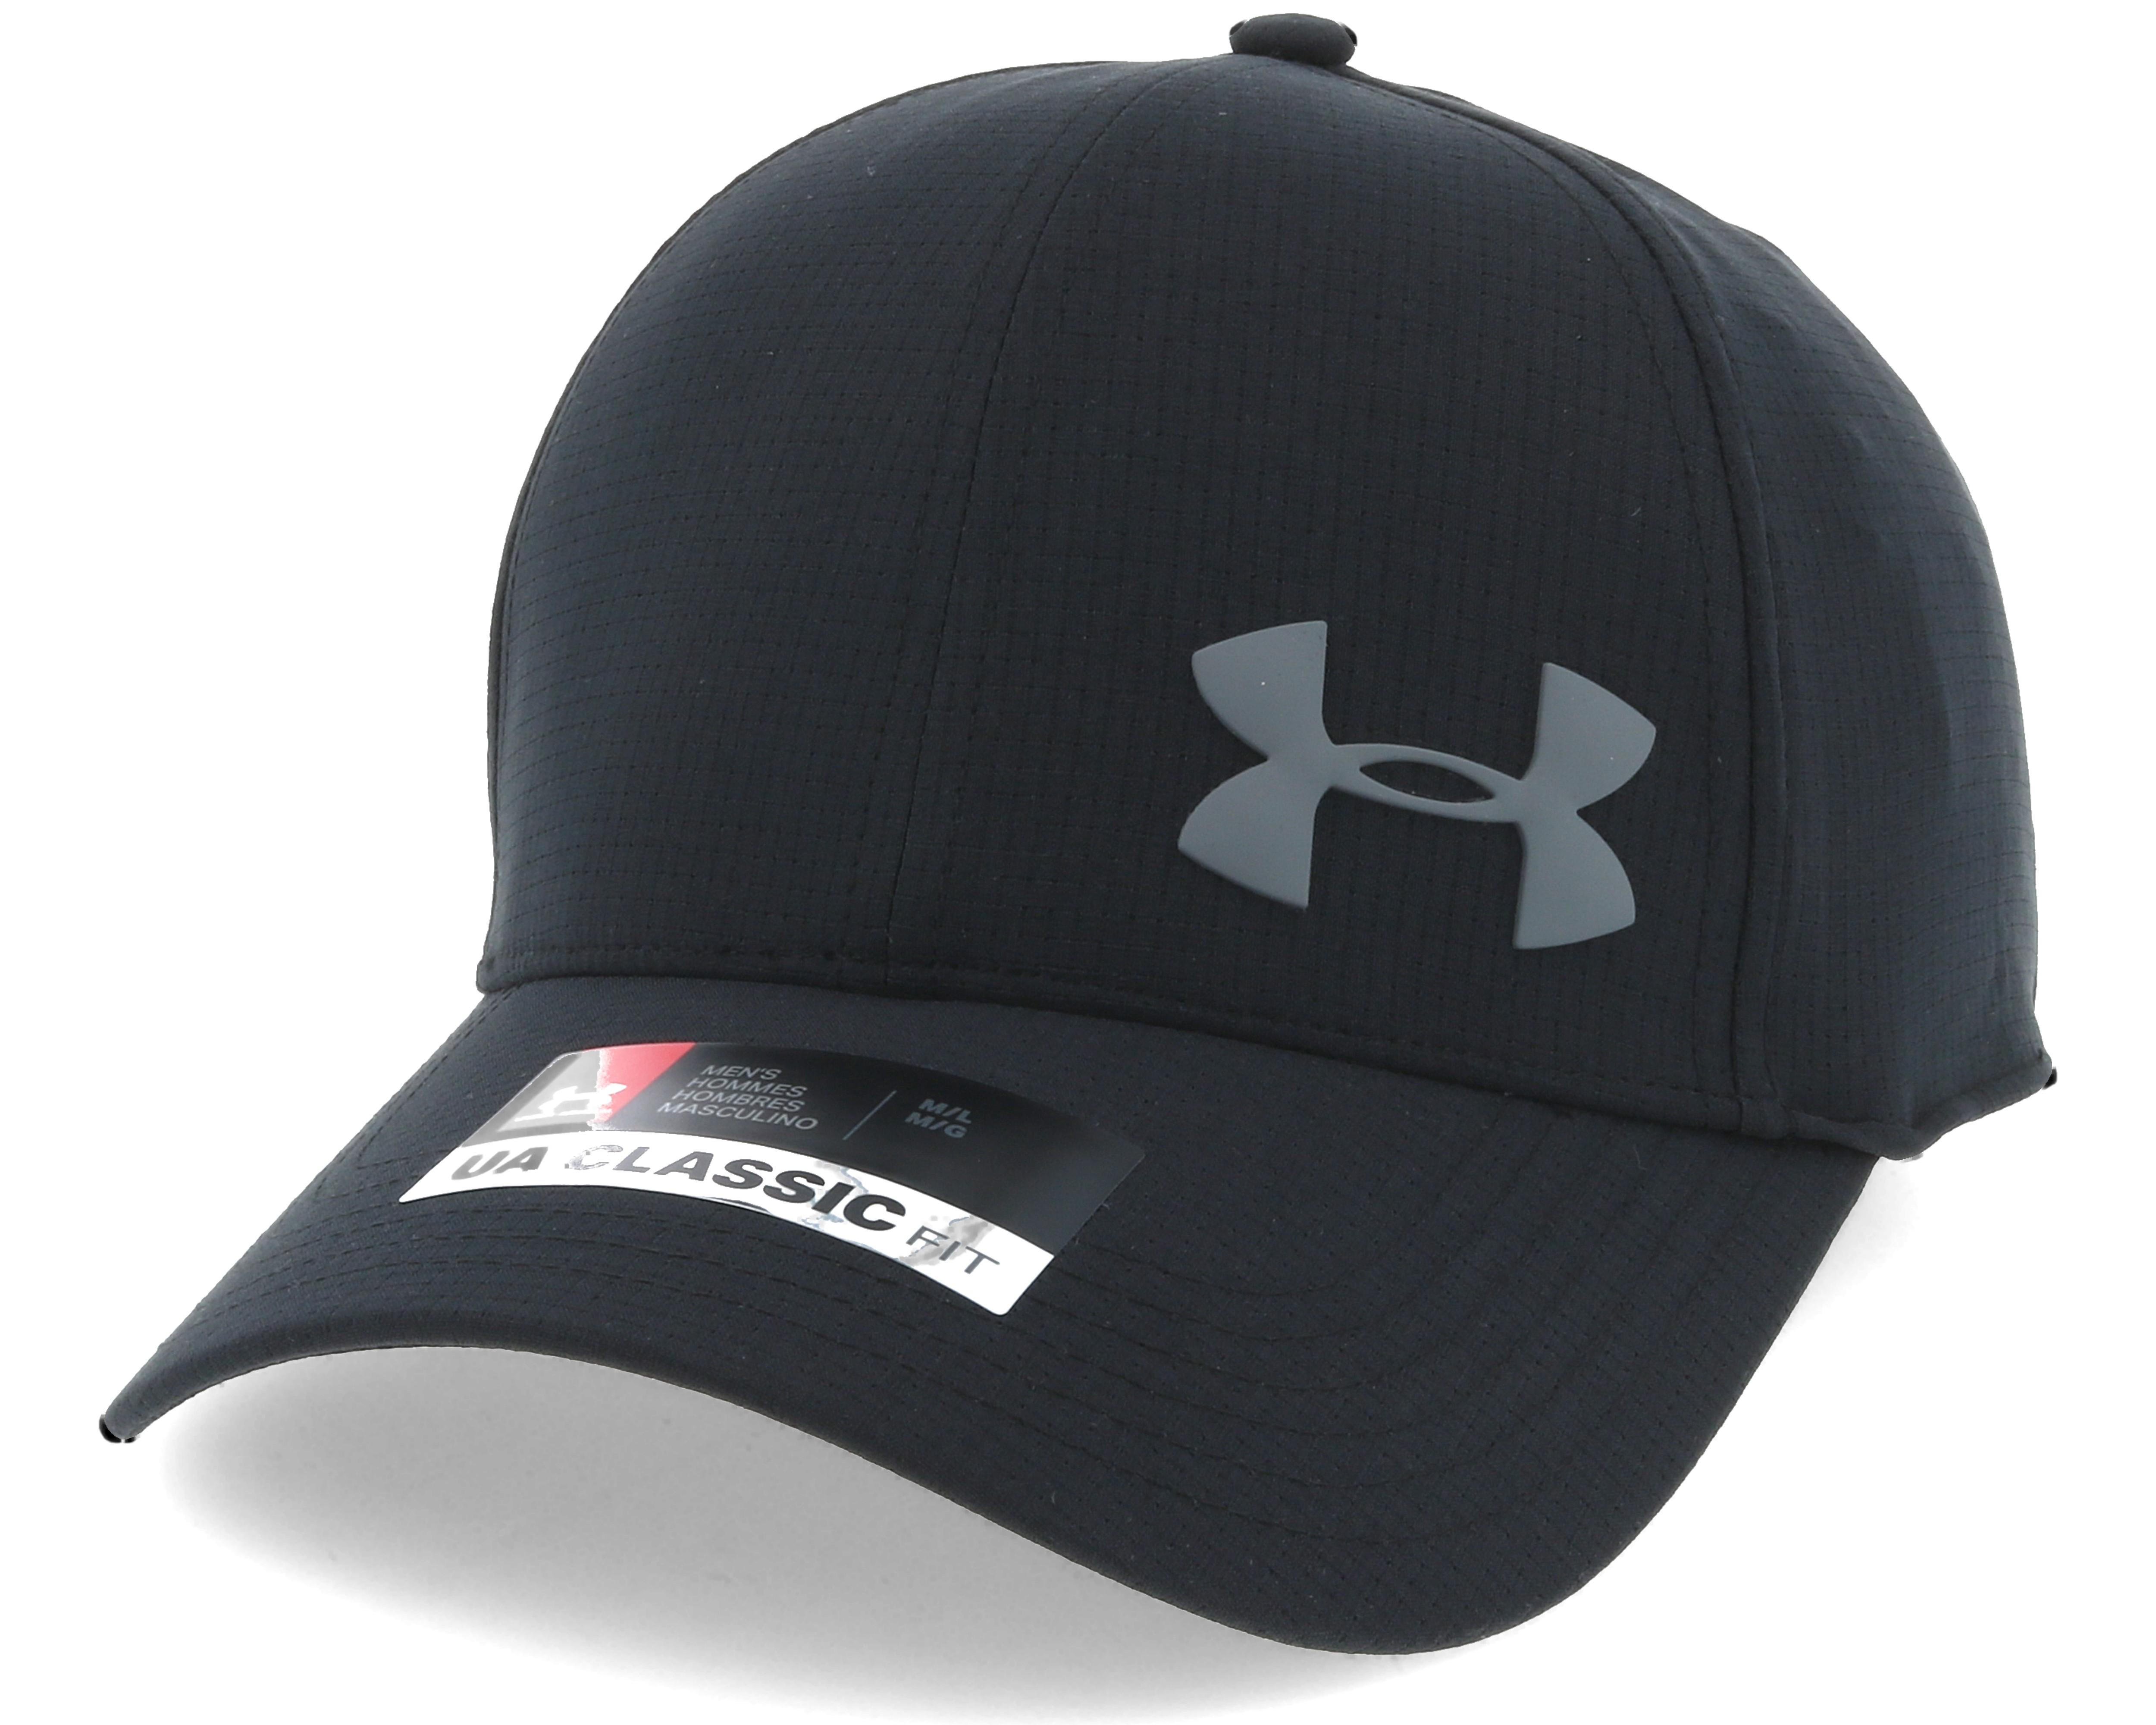 Airvent Core Black Flexfit Under Armour Caps Hatstore